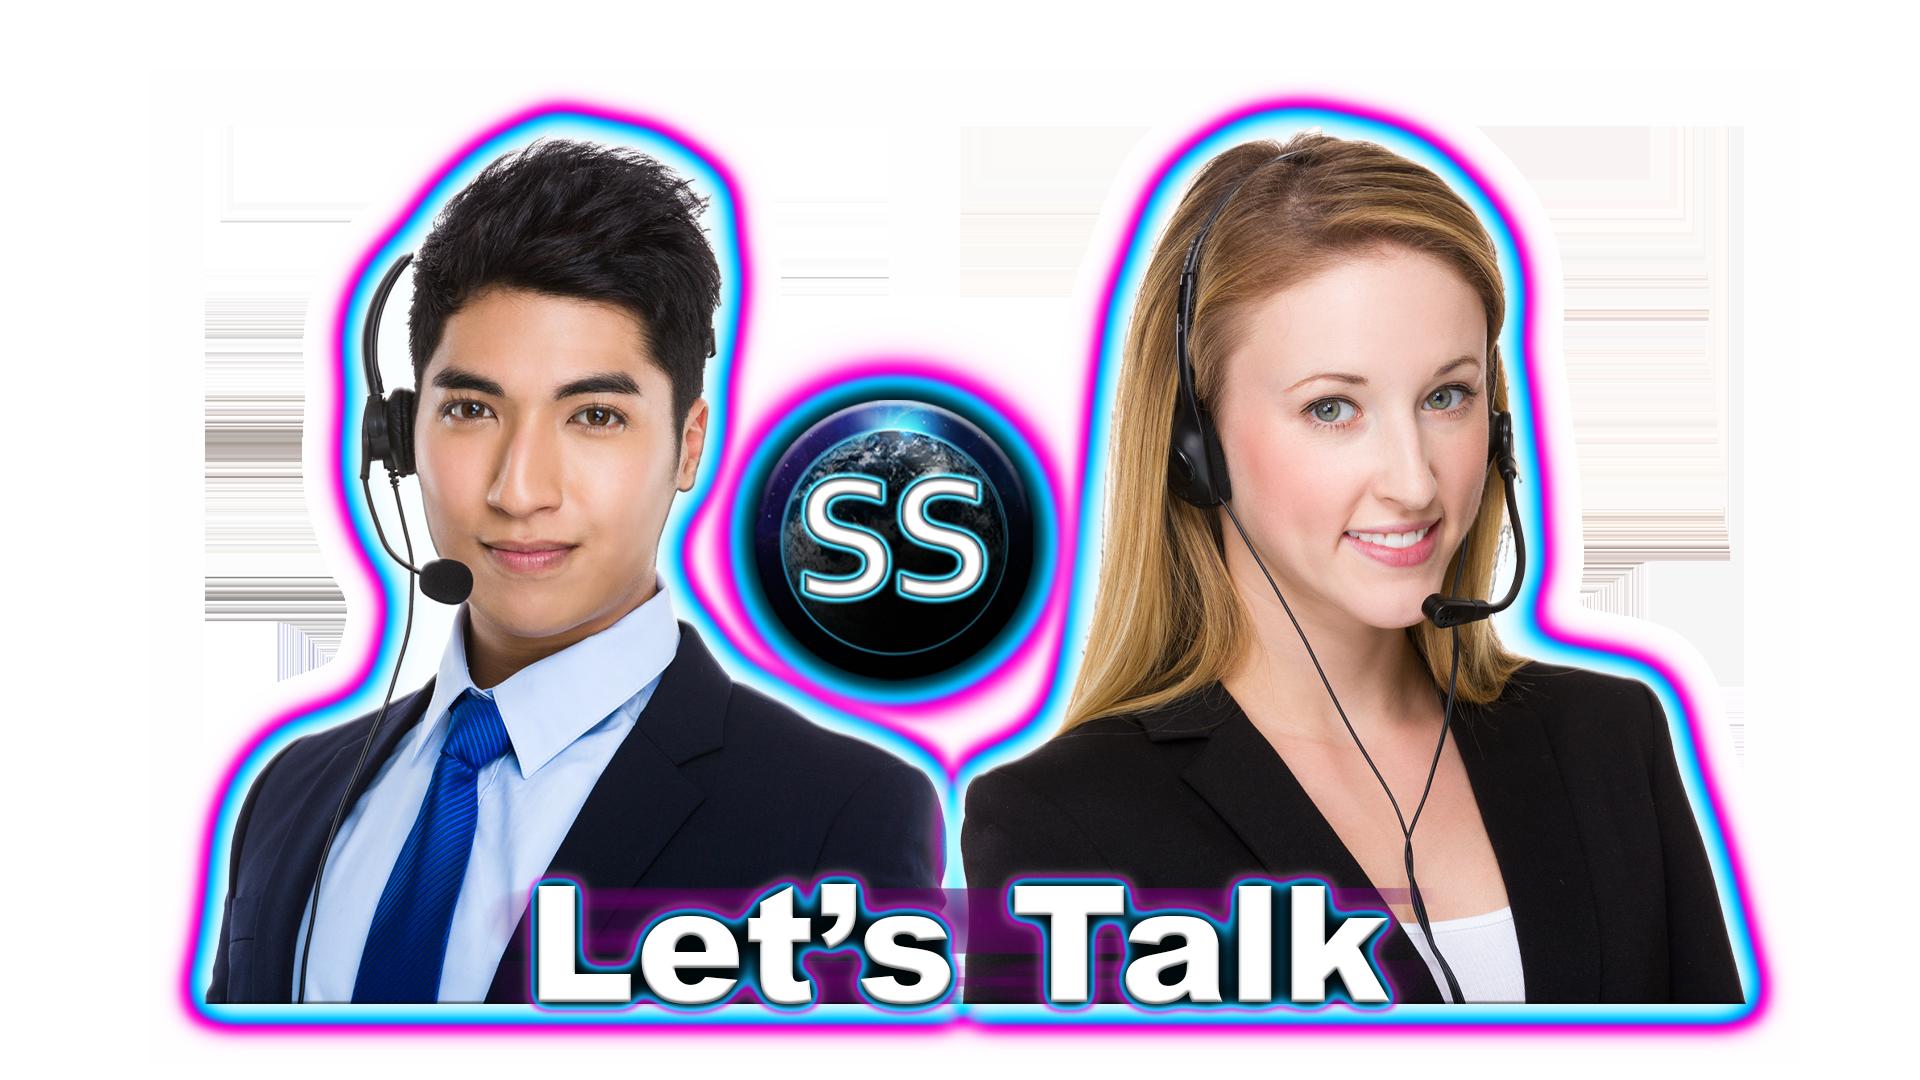 Let's talk with digital designers at skyshot digital design, website, online marketing, web content, print design, business 2